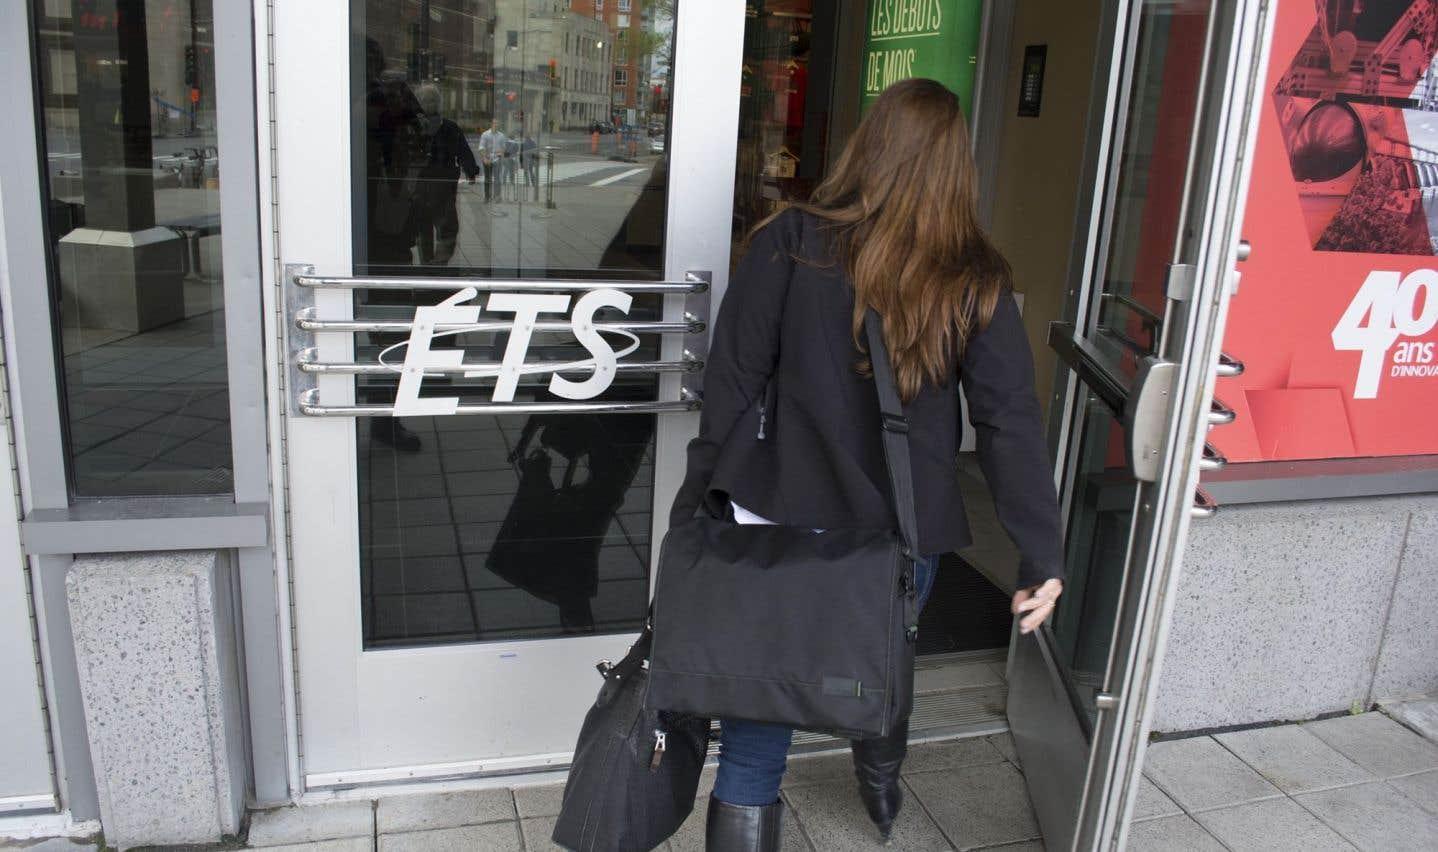 L'ETS s'attaque au problème du harcèlement sexuel